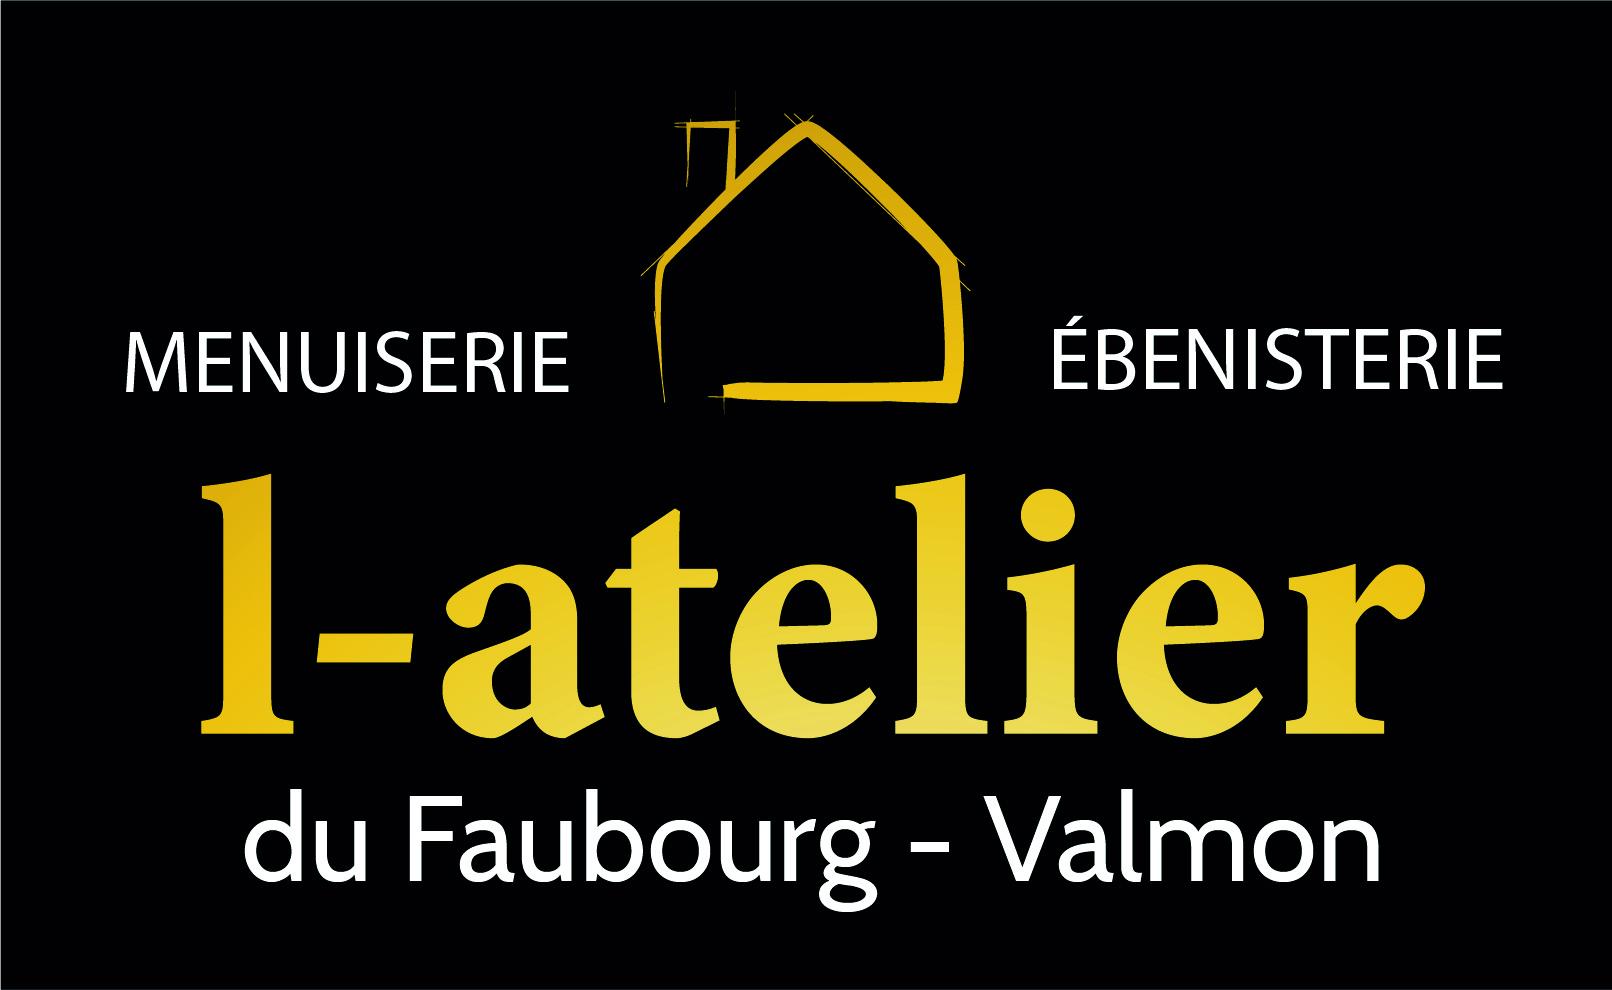 Trouver Un Artisan Menuisier menuisier artisan à larçay et tours - atelier du faubourg valmon